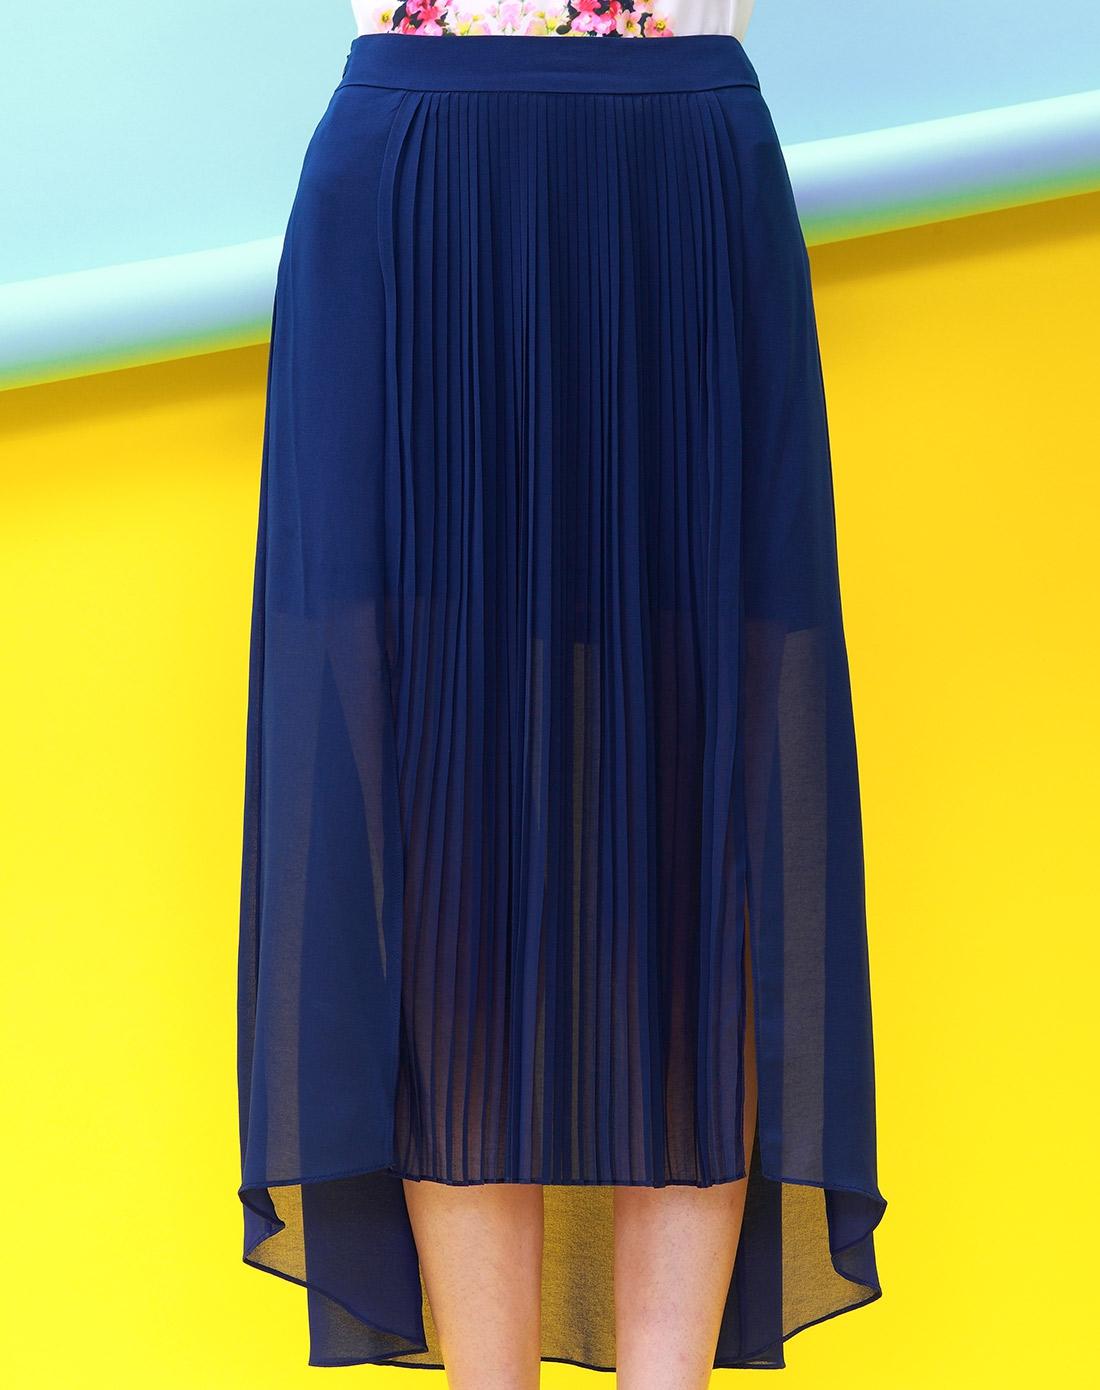 求深蓝色裙子搭配图